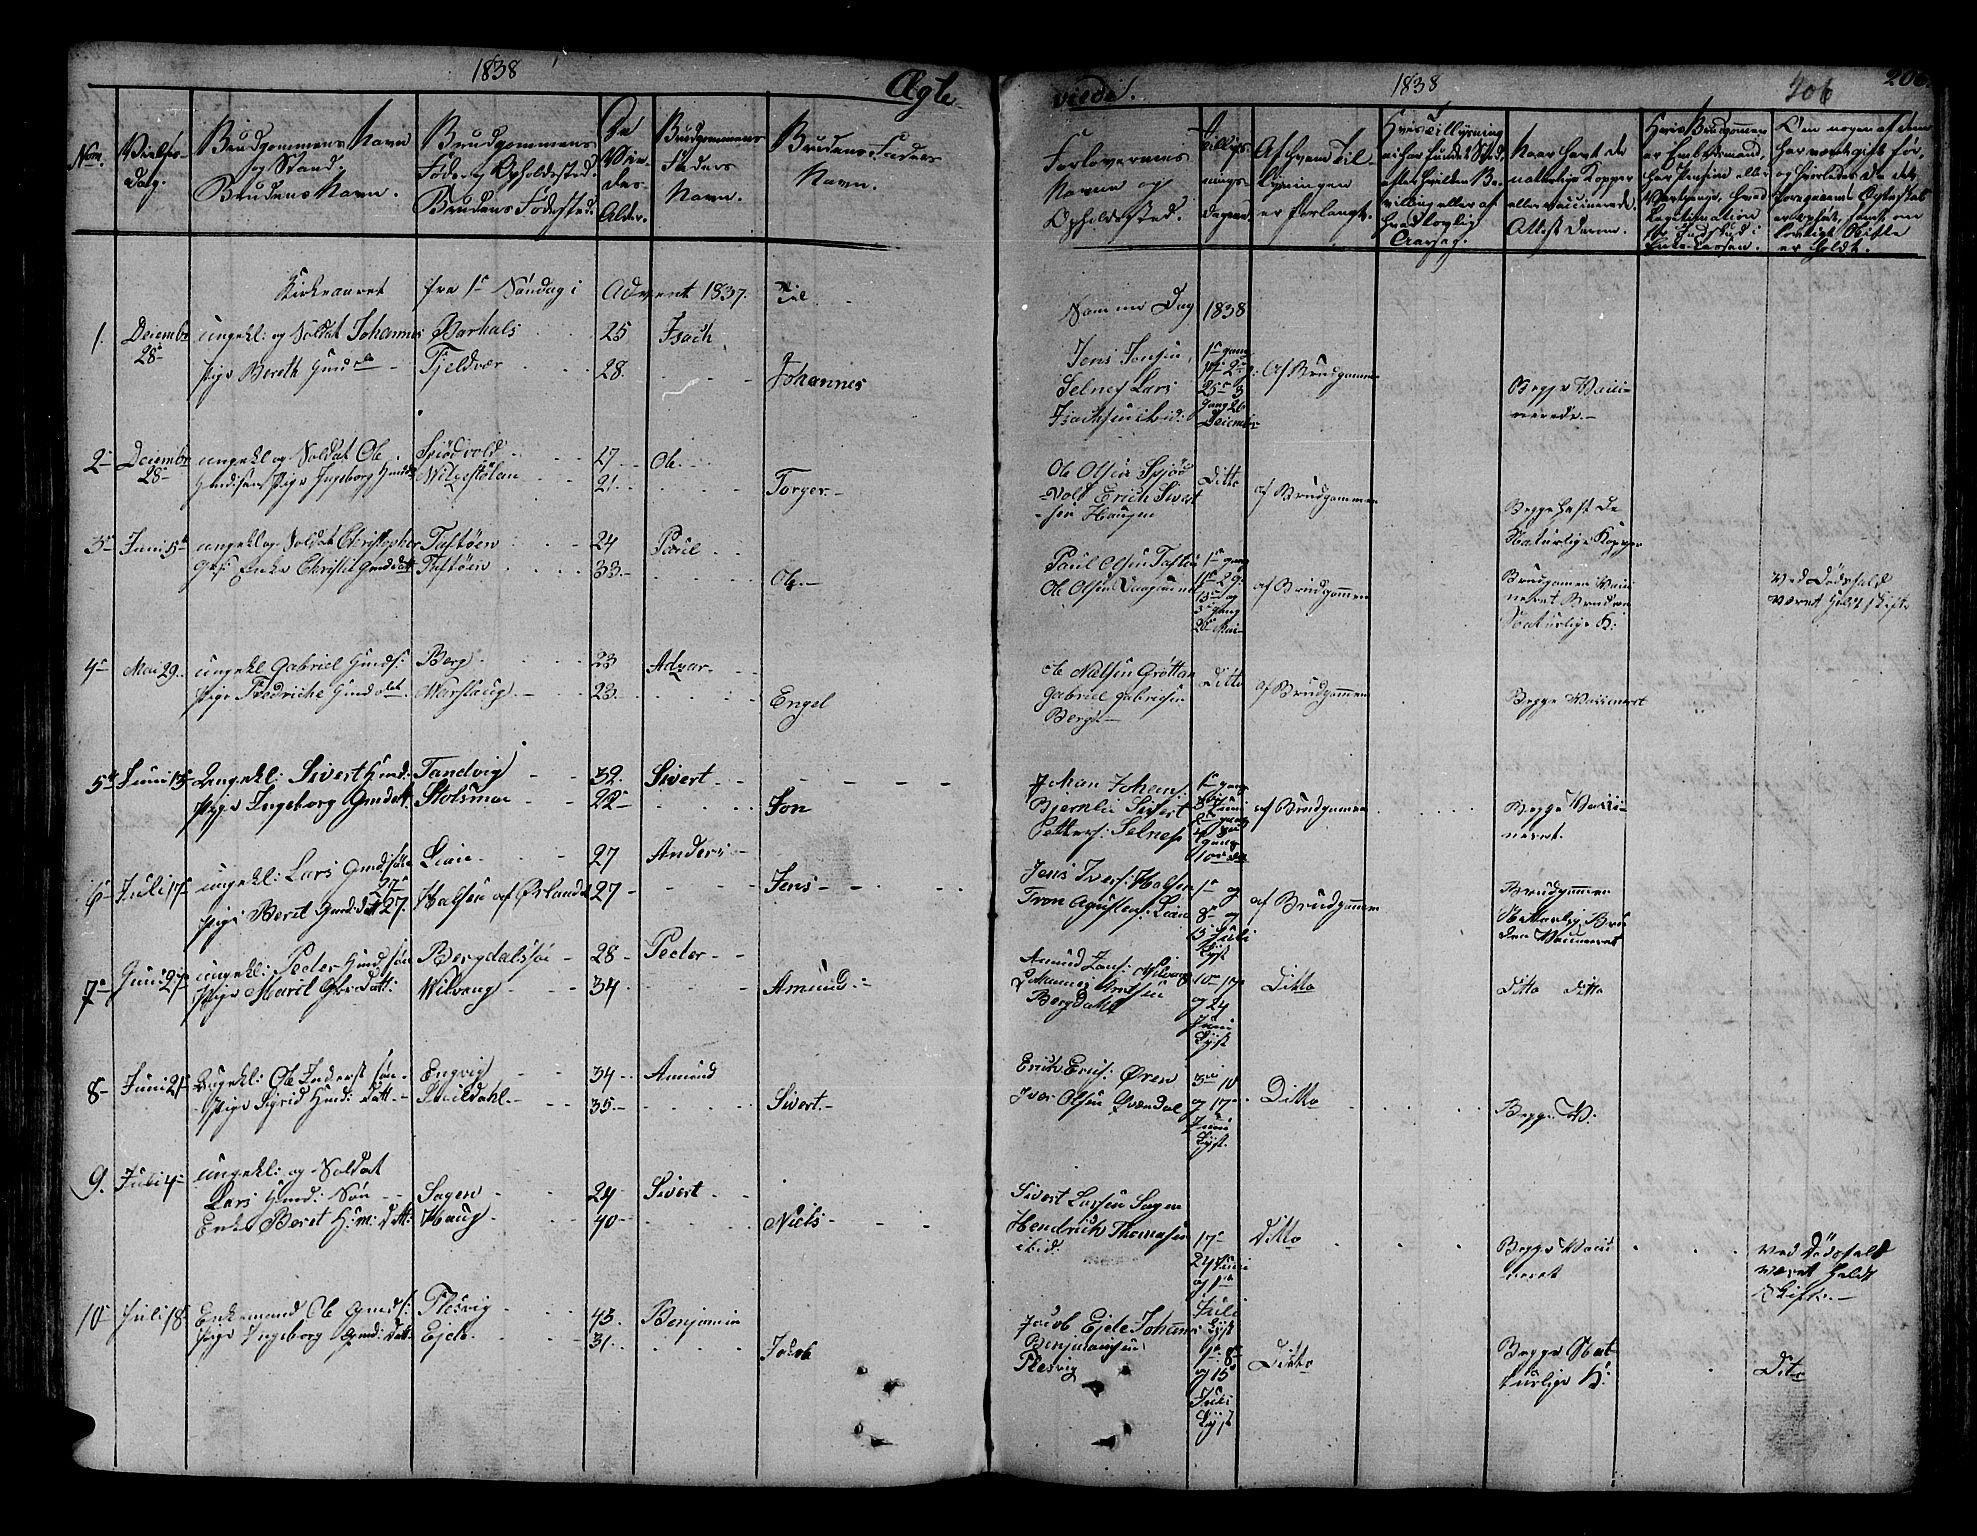 SAT, Ministerialprotokoller, klokkerbøker og fødselsregistre - Sør-Trøndelag, 630/L0492: Ministerialbok nr. 630A05, 1830-1840, s. 206